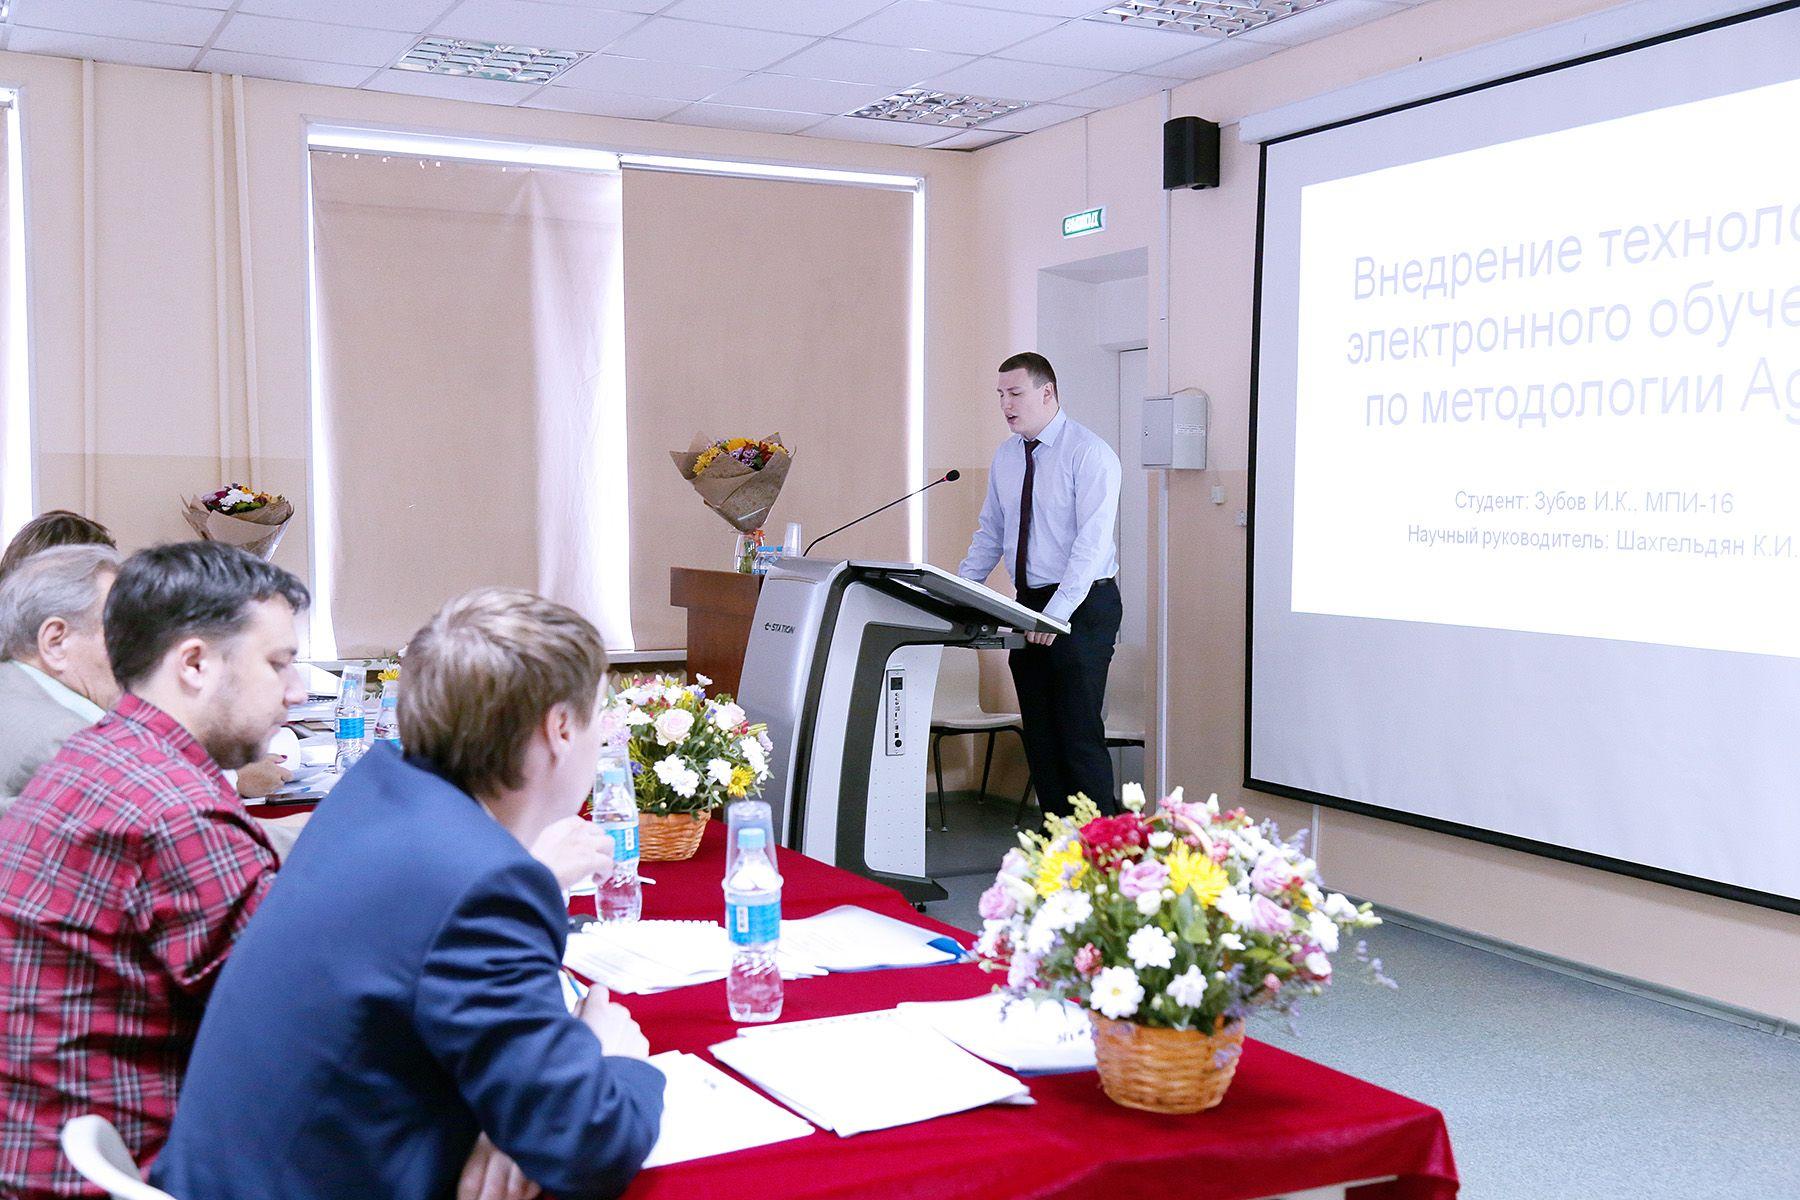 Магистратура ВГУЭС: интеграция образования, практики и исследований